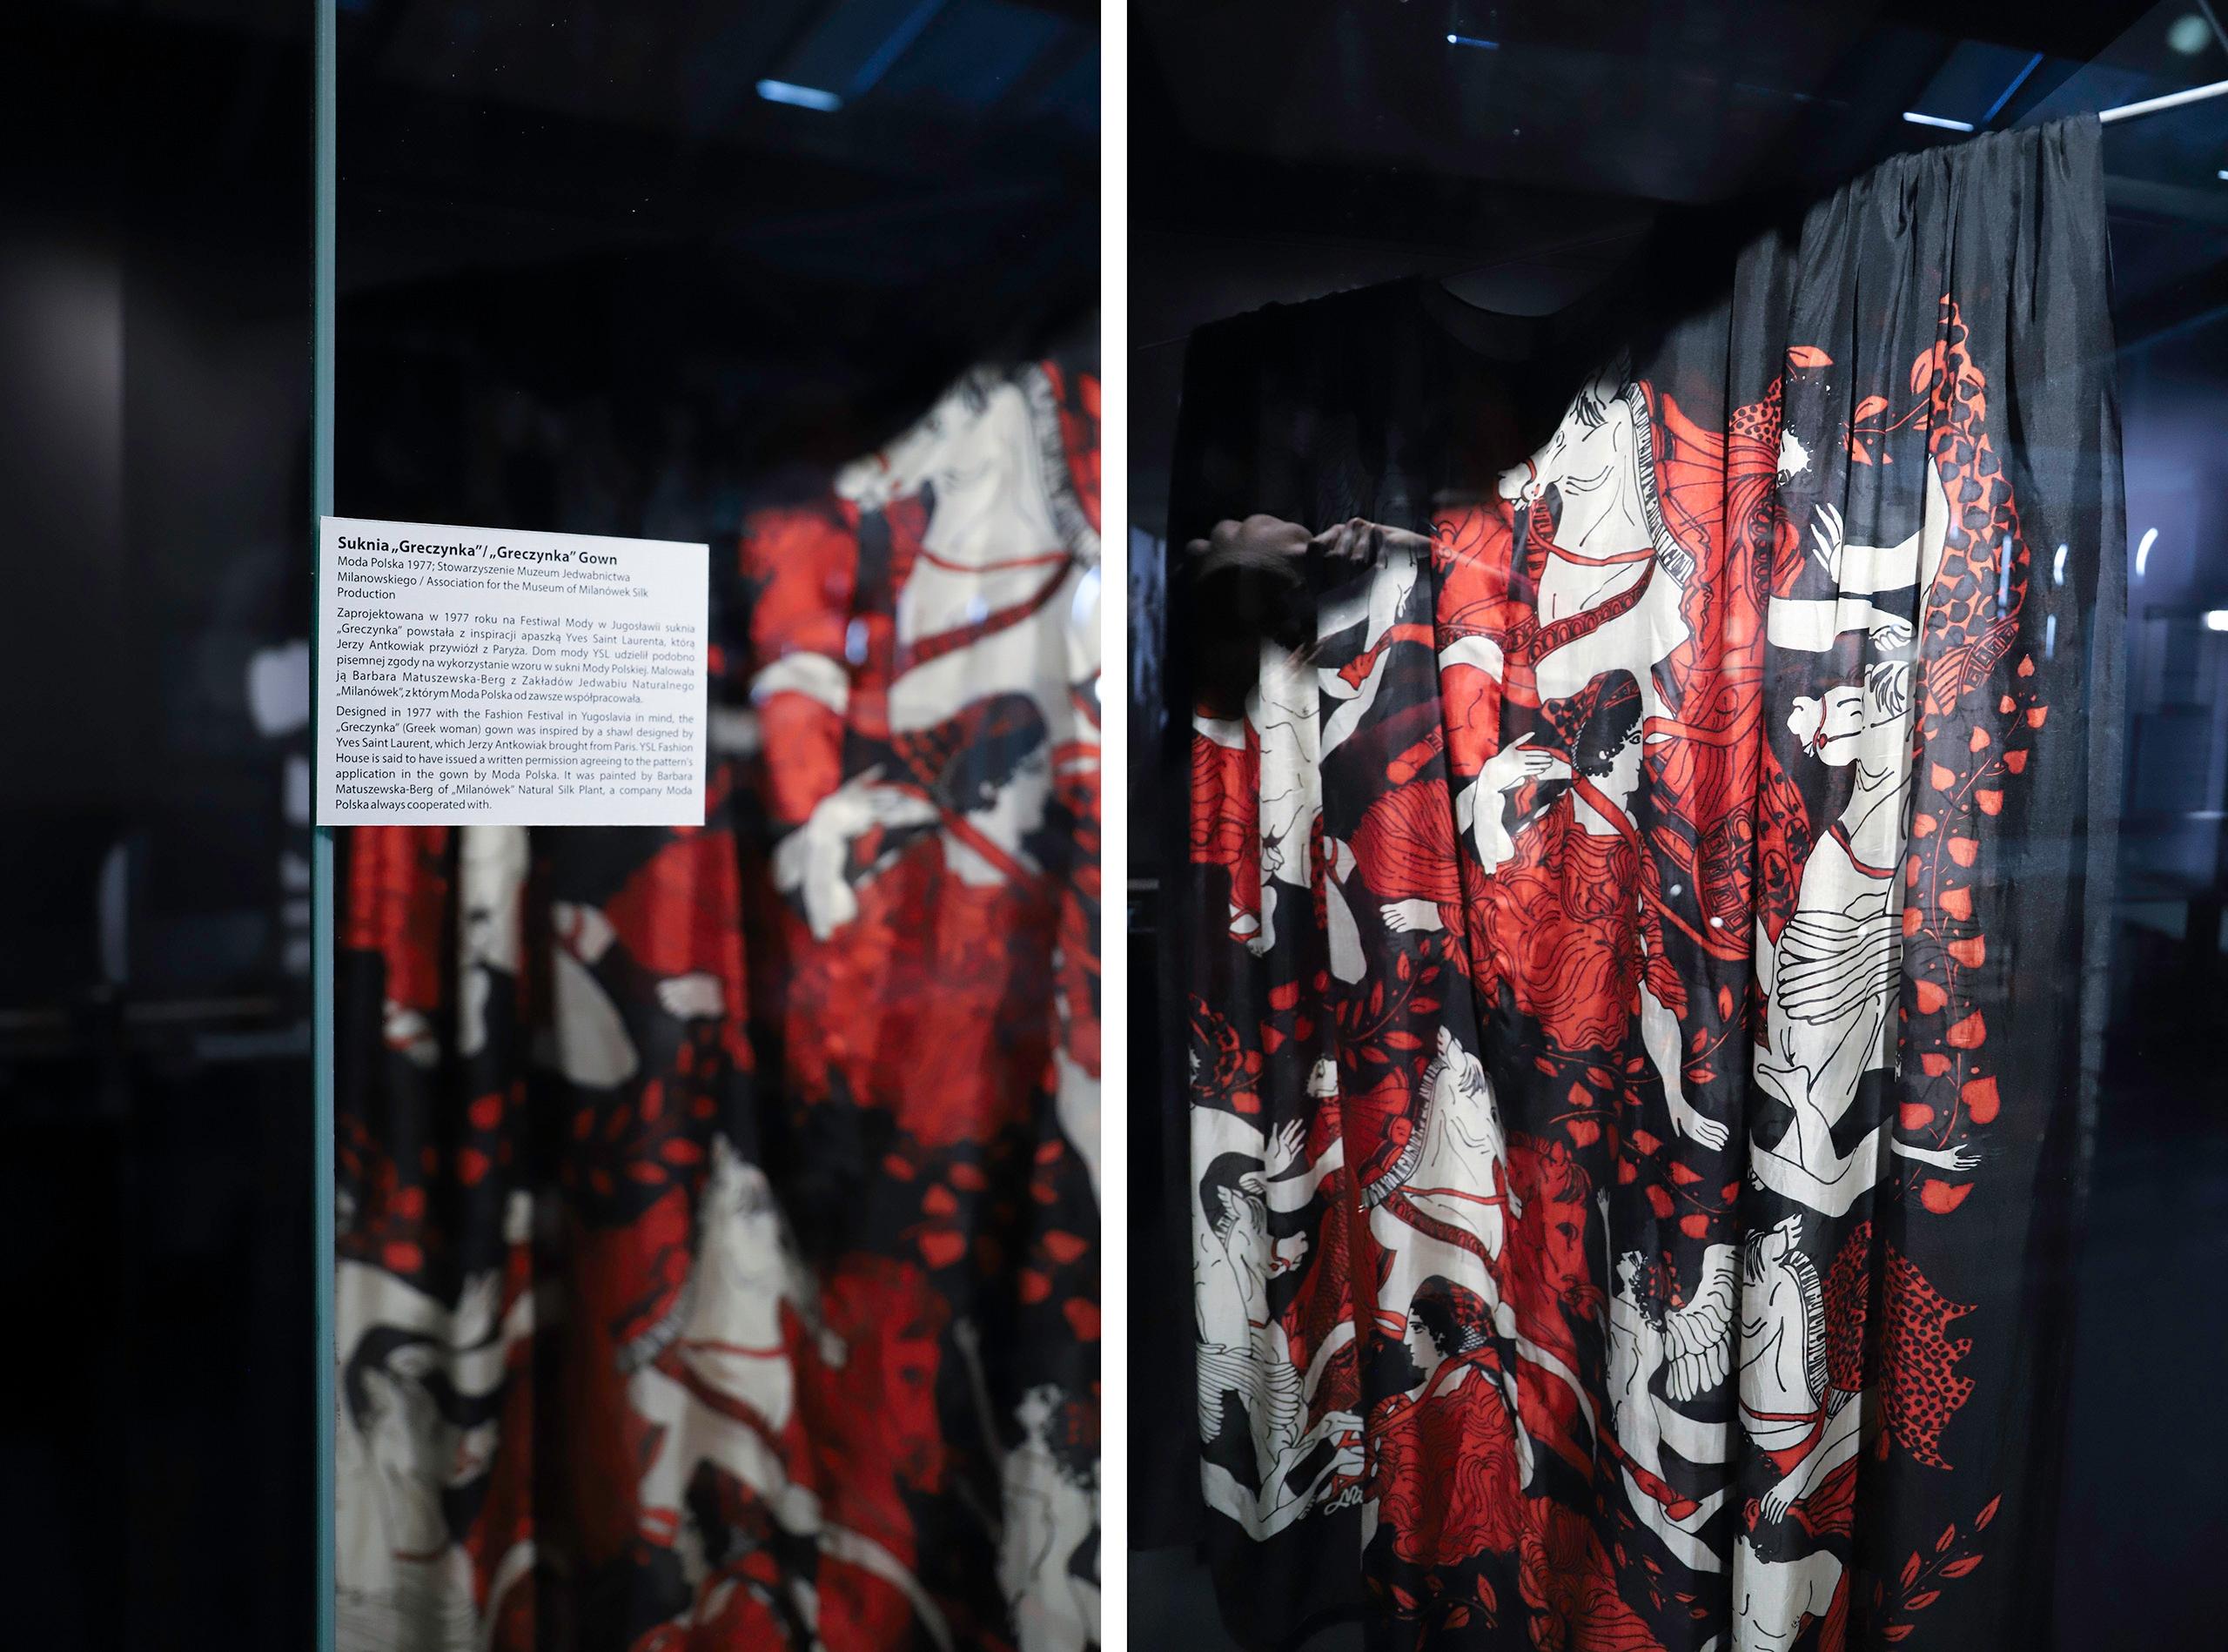 Obraz przedstawia dwa zdjęcia kolorowej tkaniny zamkniętej w szklanej gablocie.